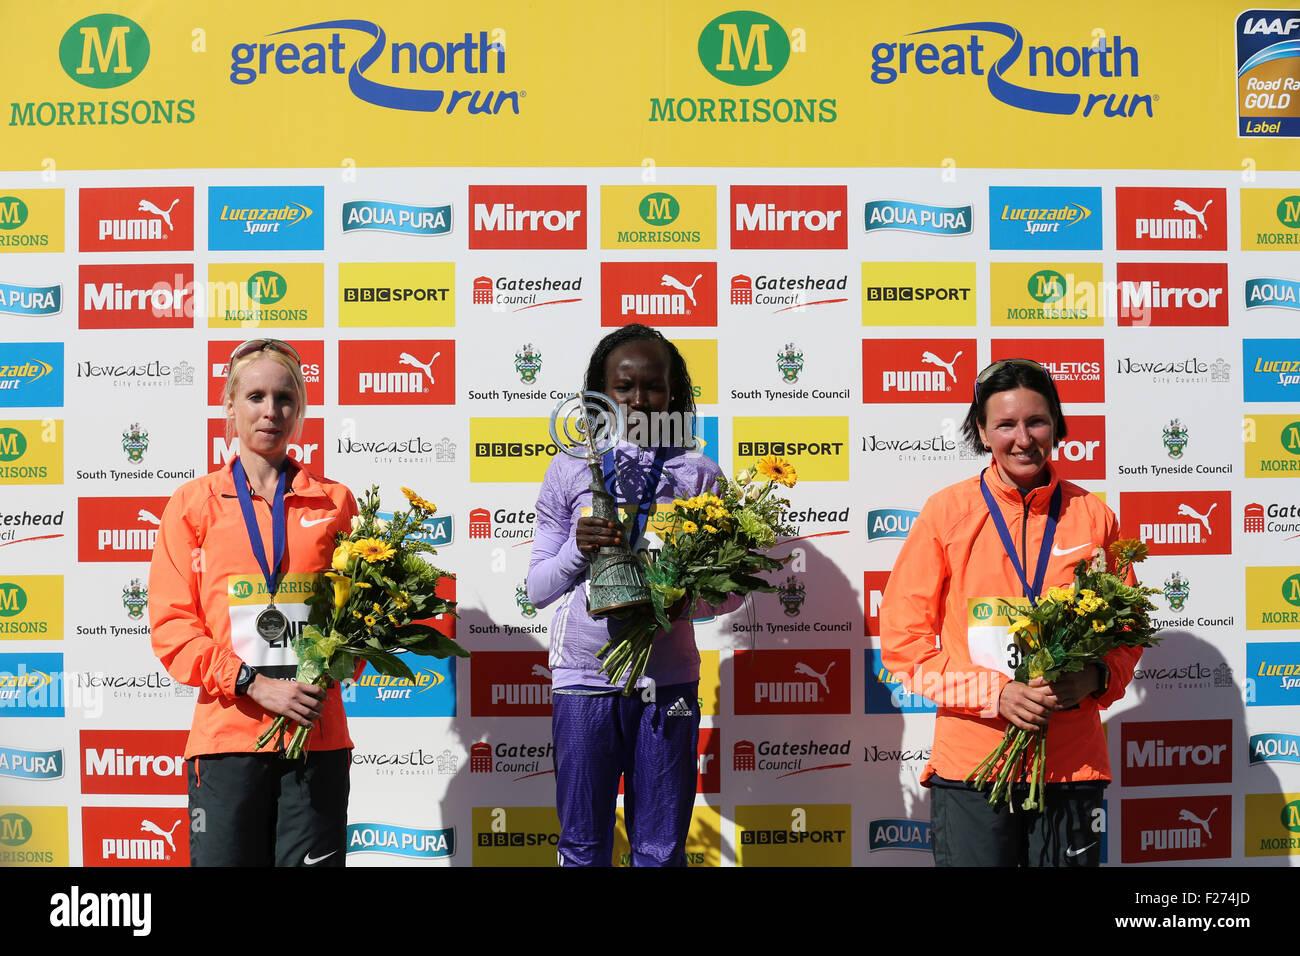 South Shields, UK. 13th Sep, 2015. Gemma Steel (GB), Mary Keitany (Kenya) and Jelena Prokopcuka (Latvia) the top Stock Photo